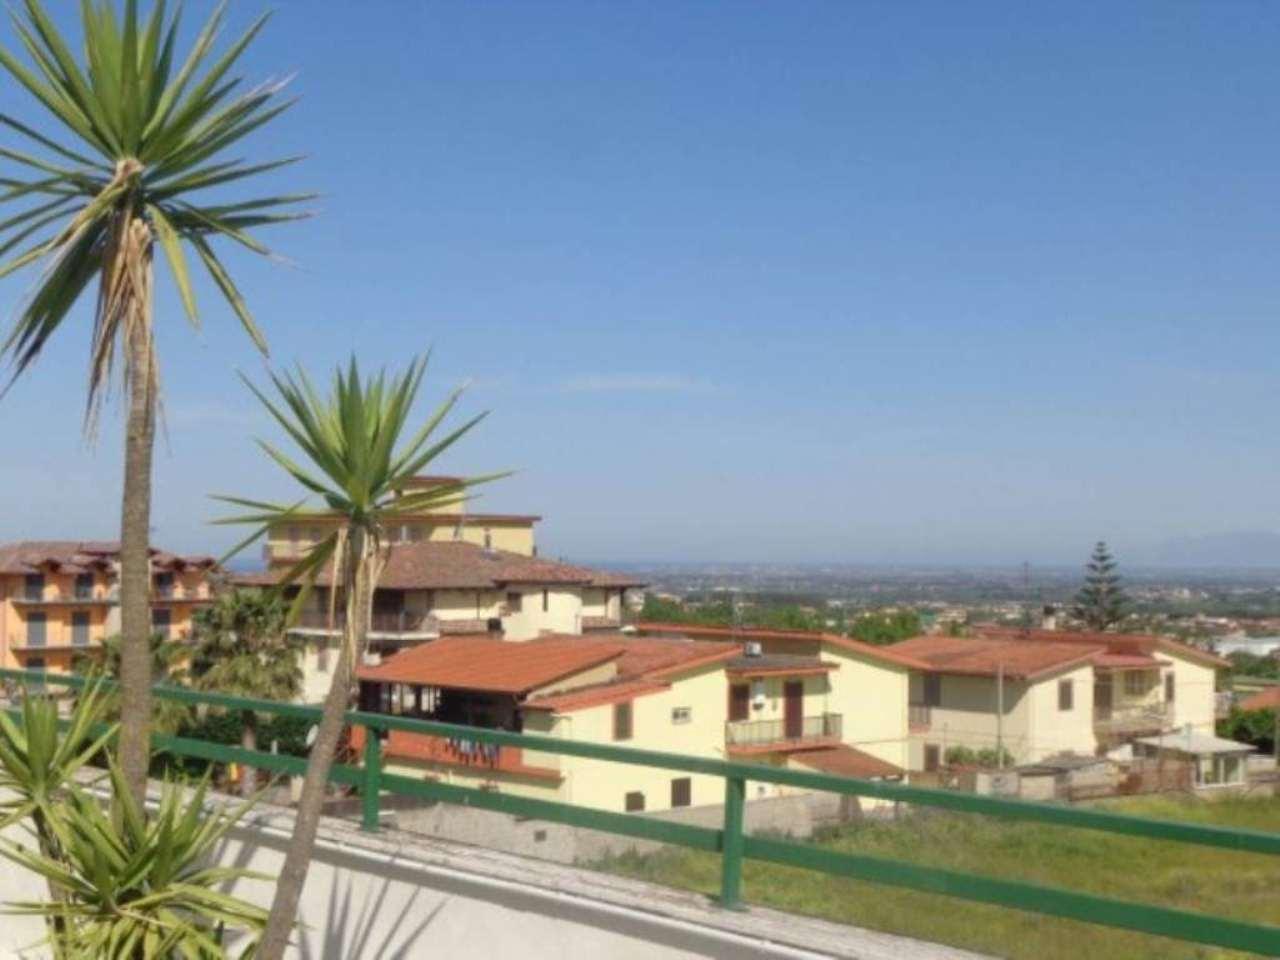 Attico / Mansarda in vendita a Marano di Napoli, 3 locali, prezzo € 150.000 | CambioCasa.it